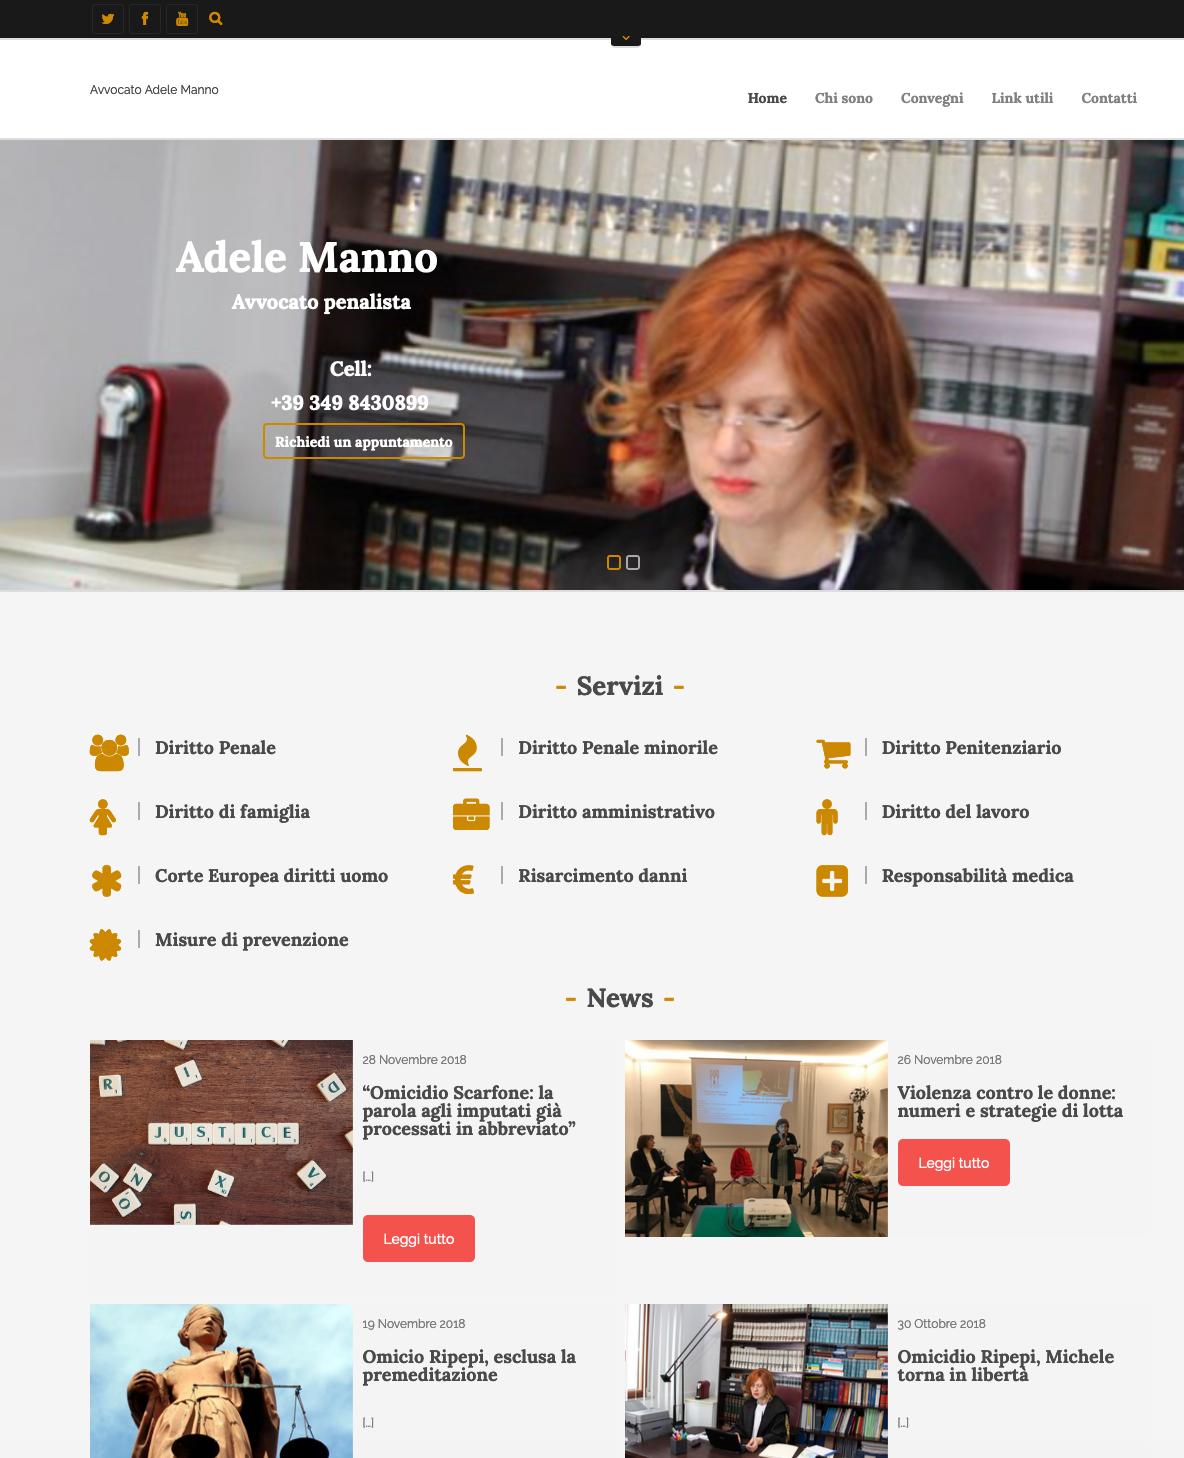 Sito web Avvocato Adele Manno